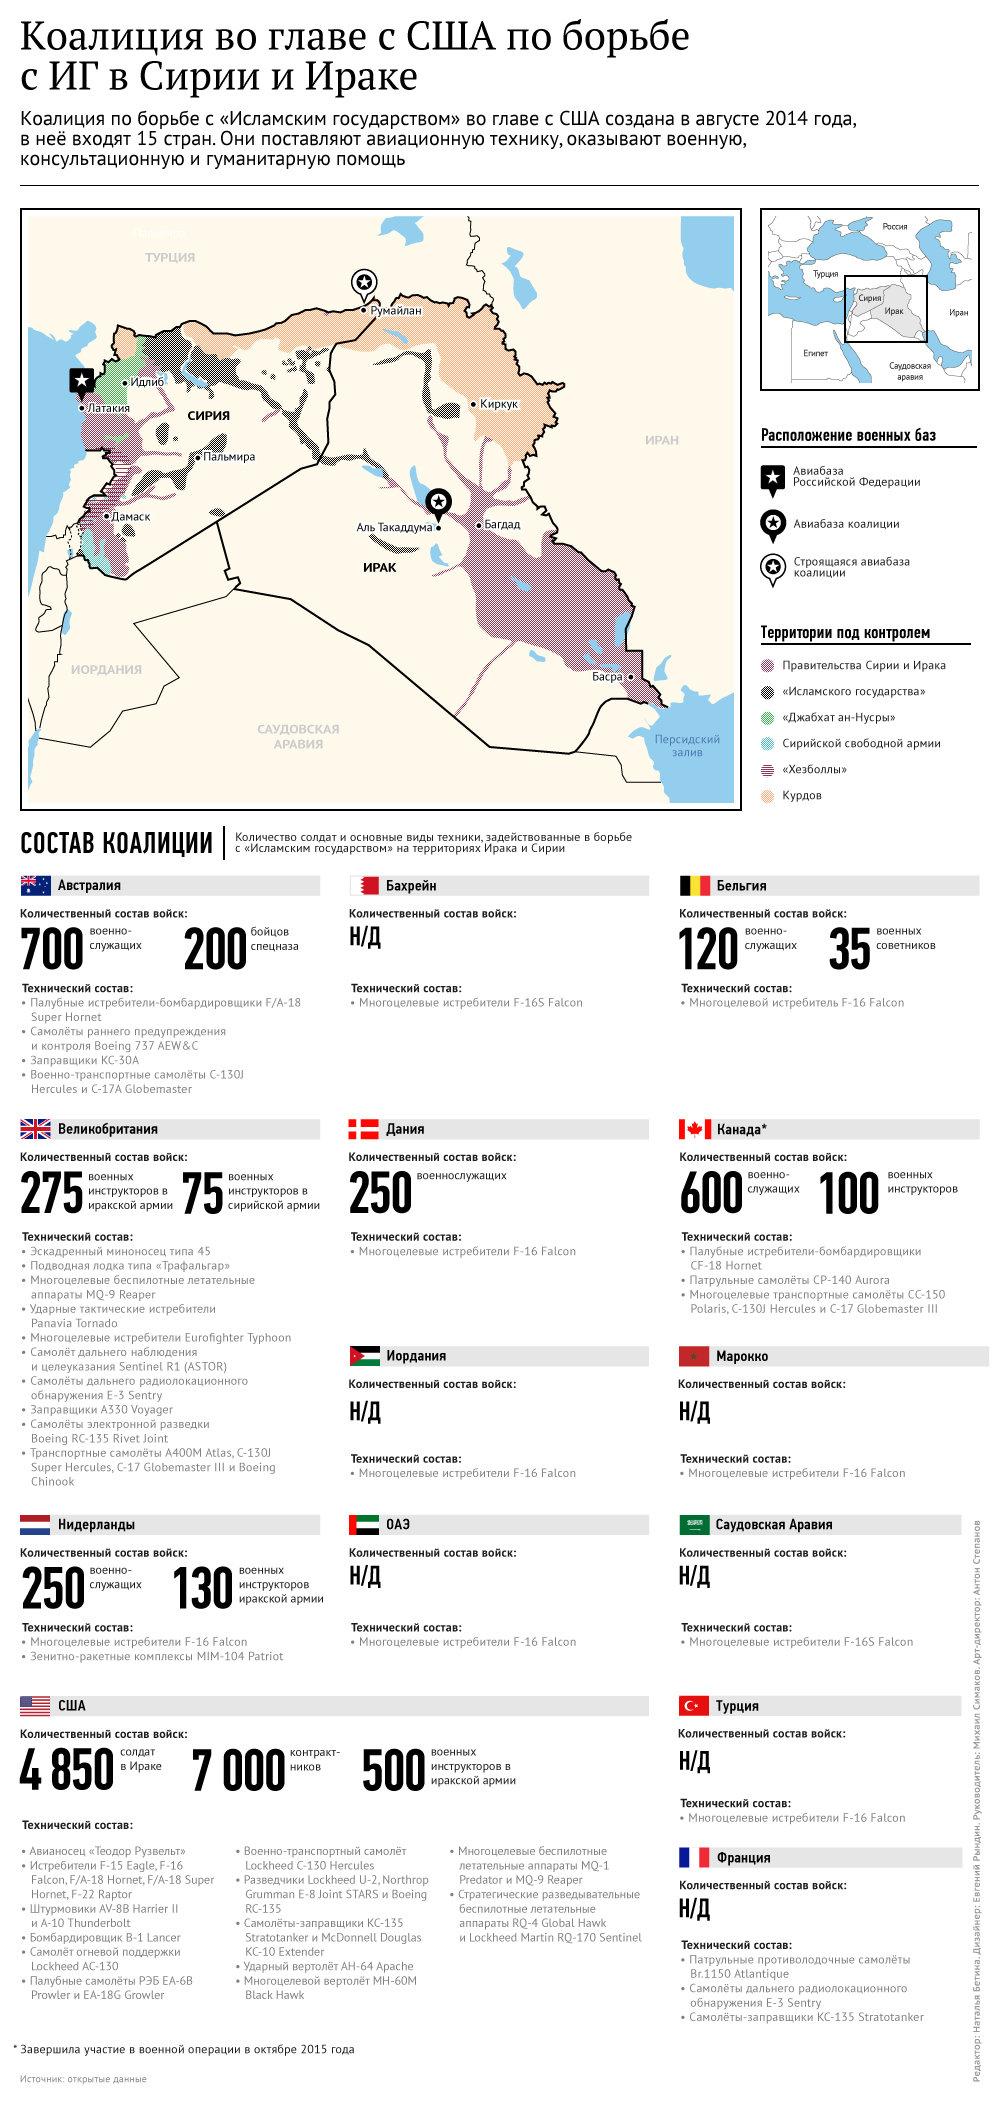 Состав коалиции во главе с США по борьбе с ИГ в Сирии и Ираке